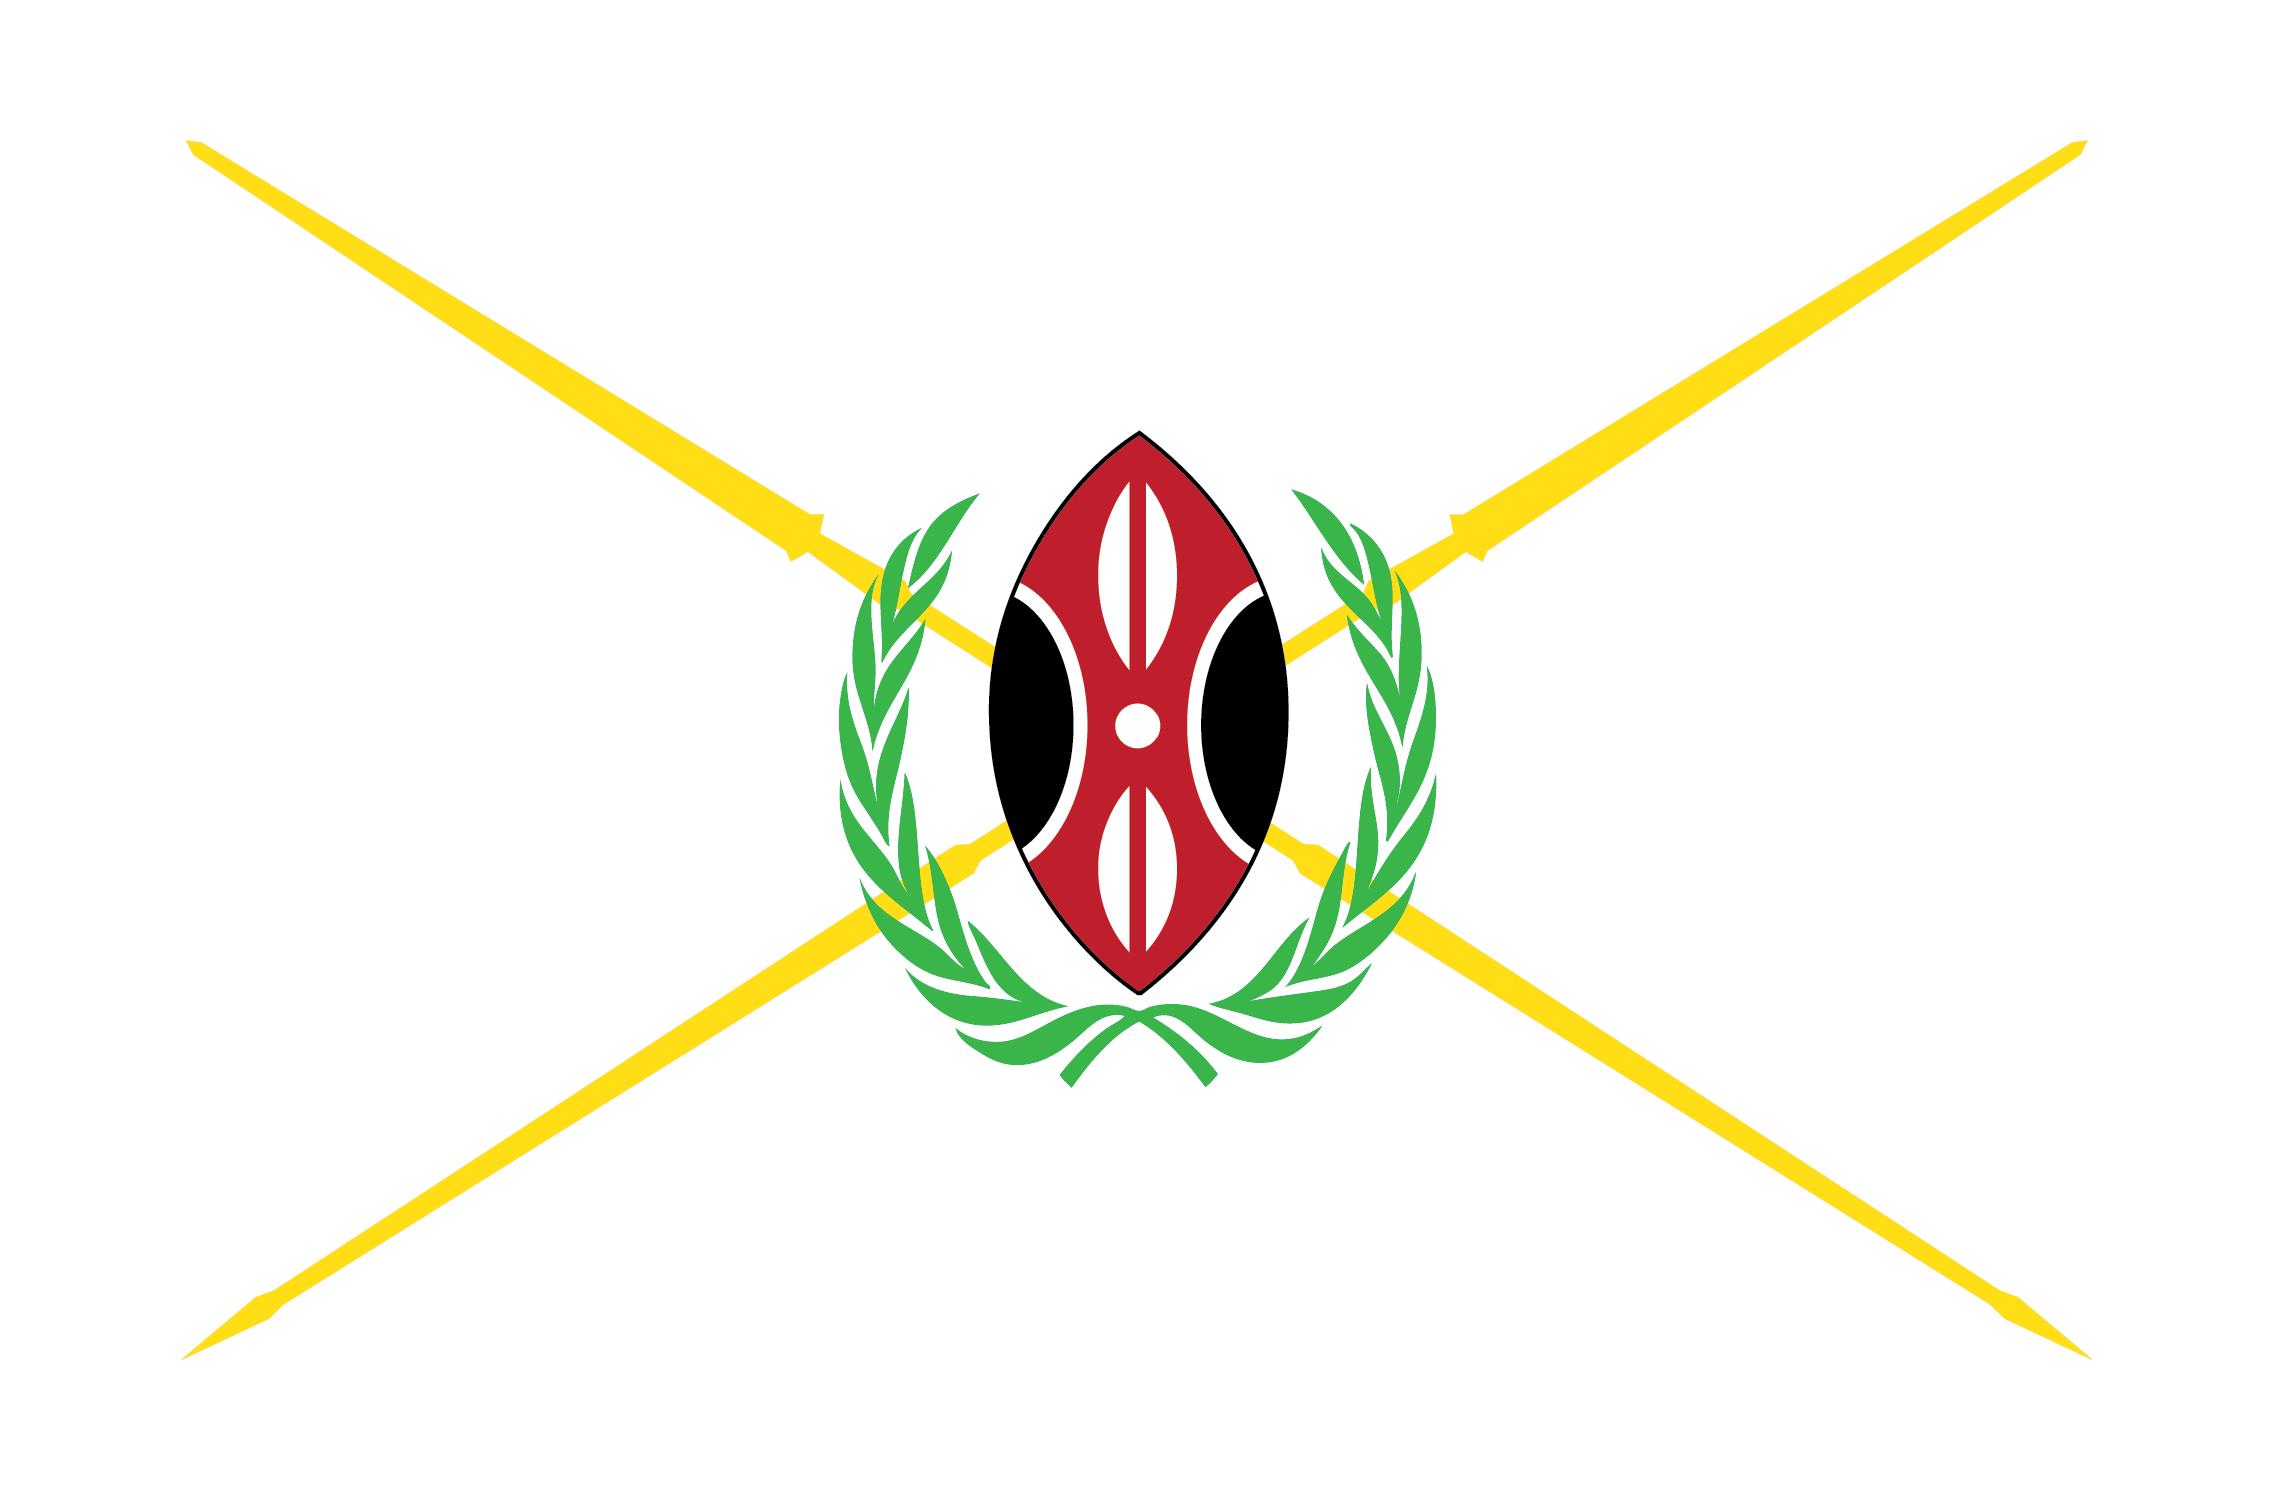 Presidential Standard of Mwai Kibaki